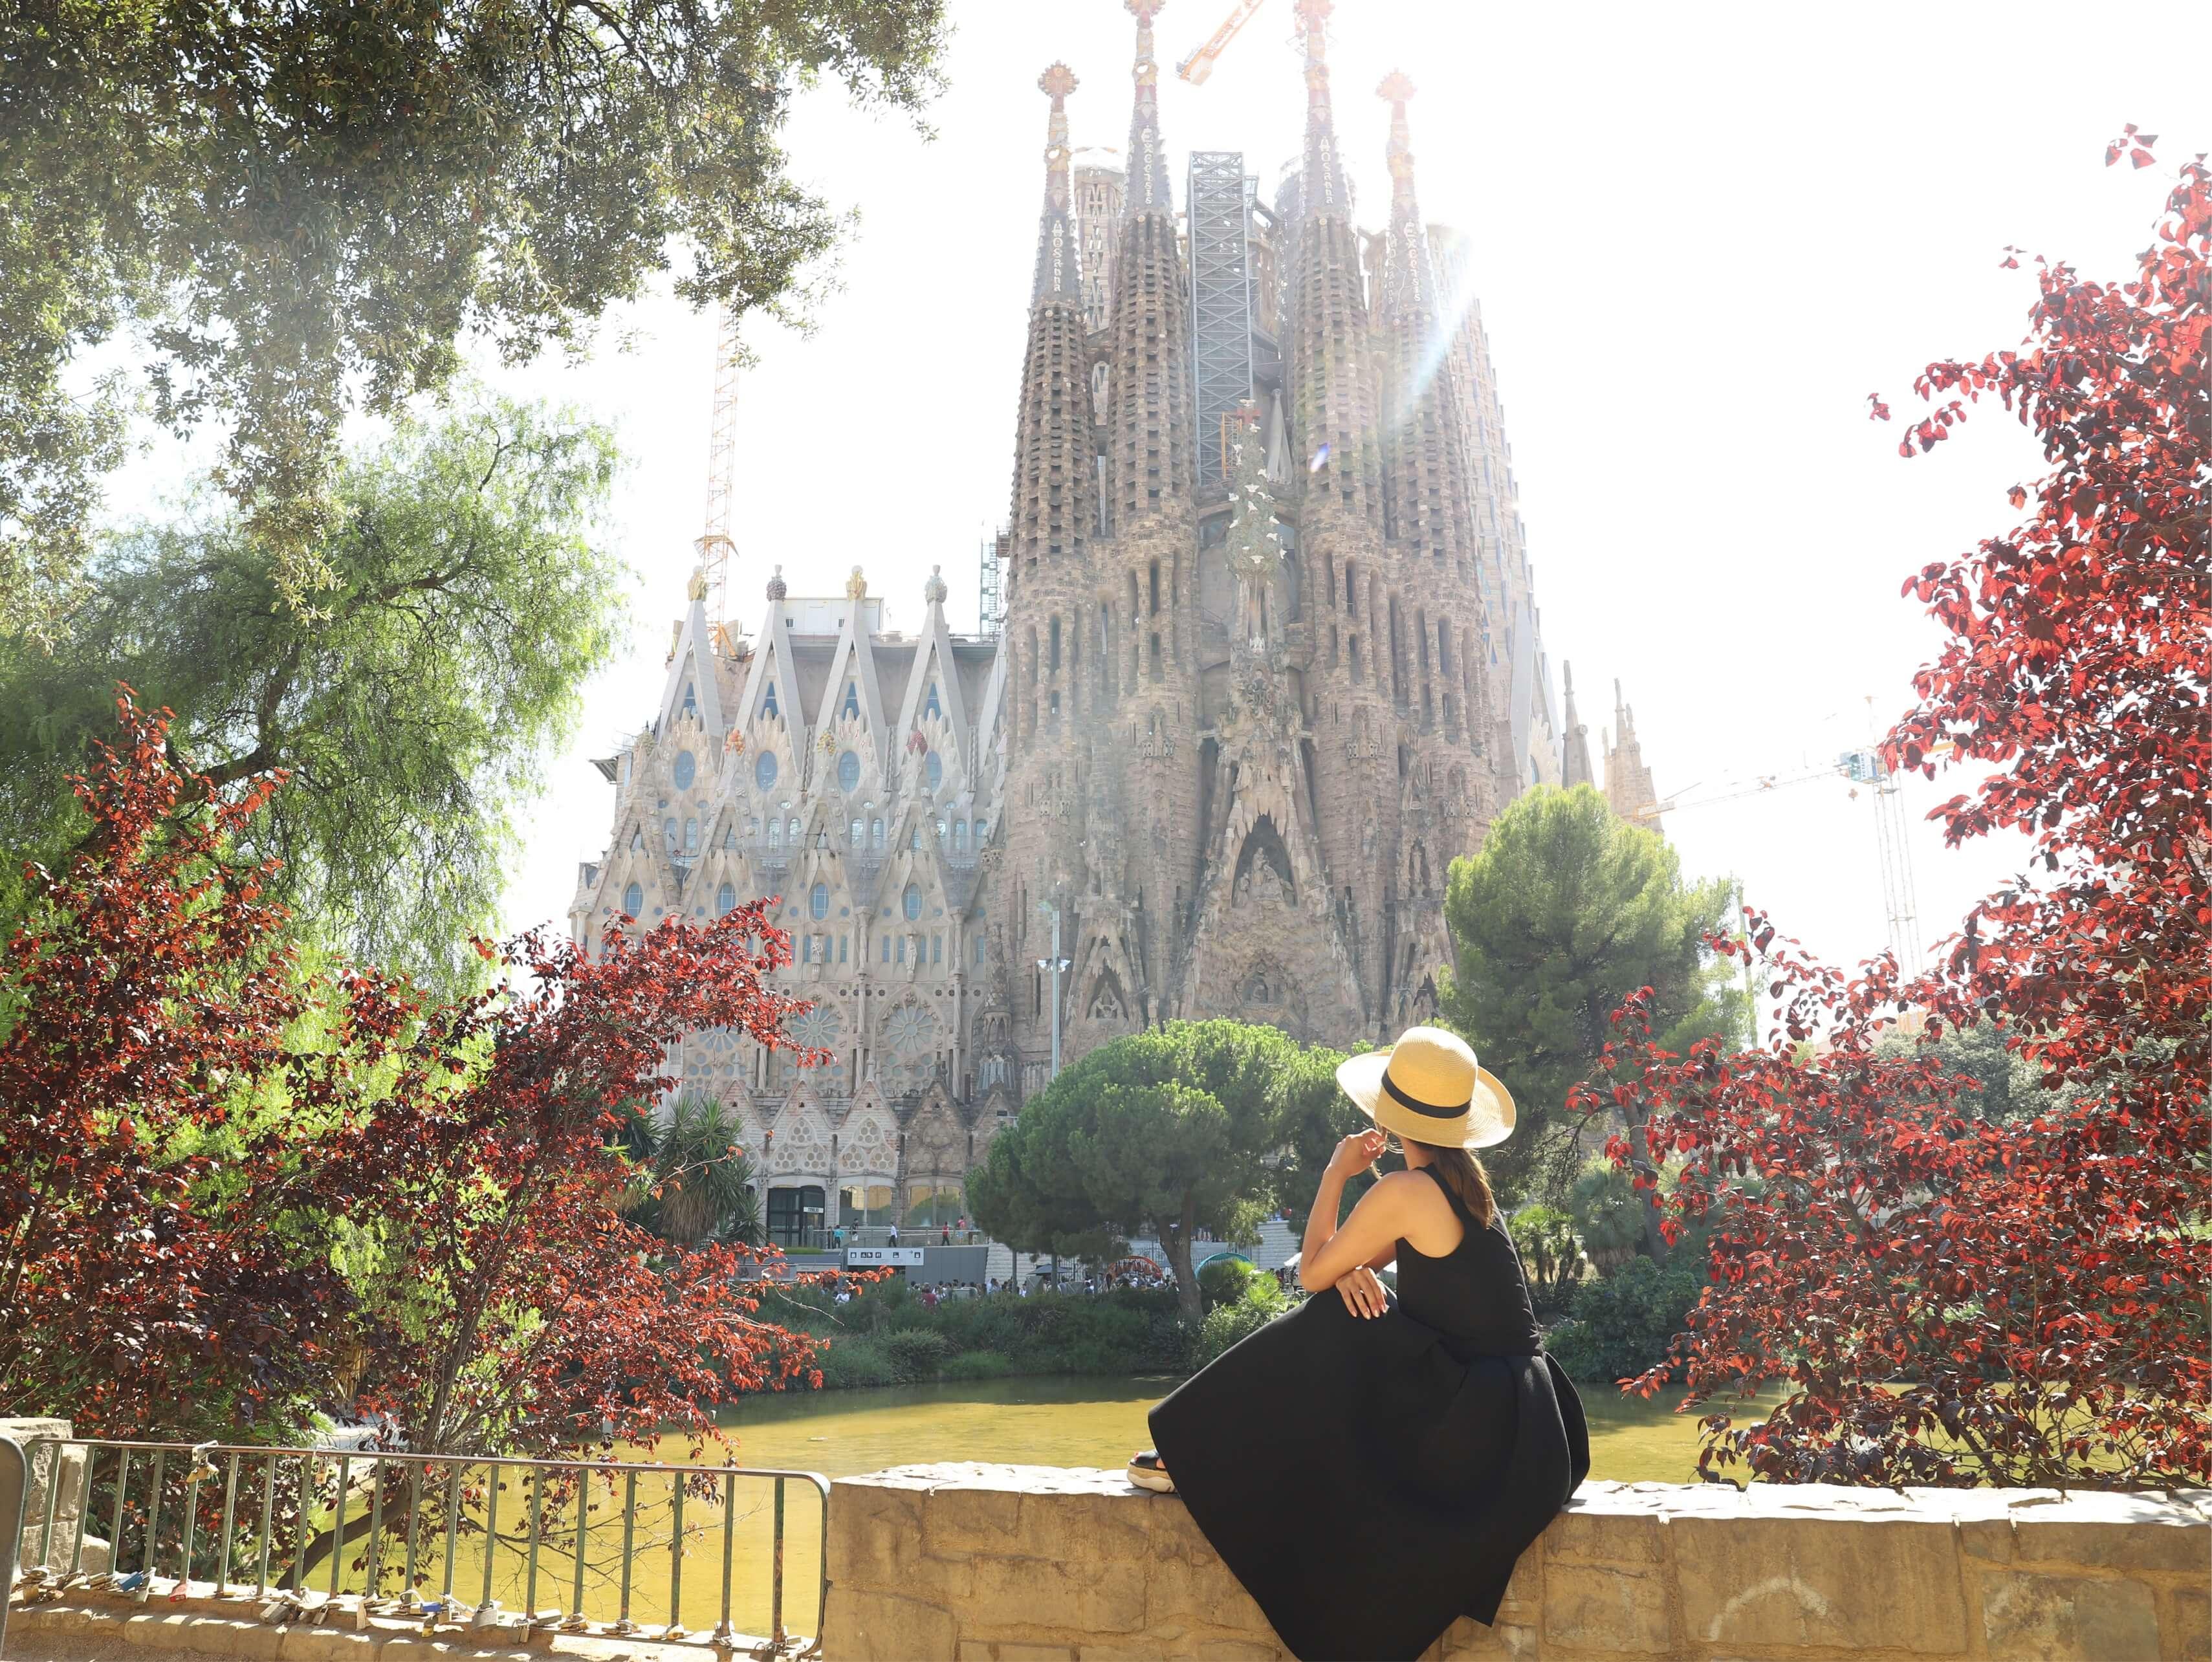 【スペイン】バルセロナで憧れのガウディ建築巡りを楽しむ7つのスポット♡